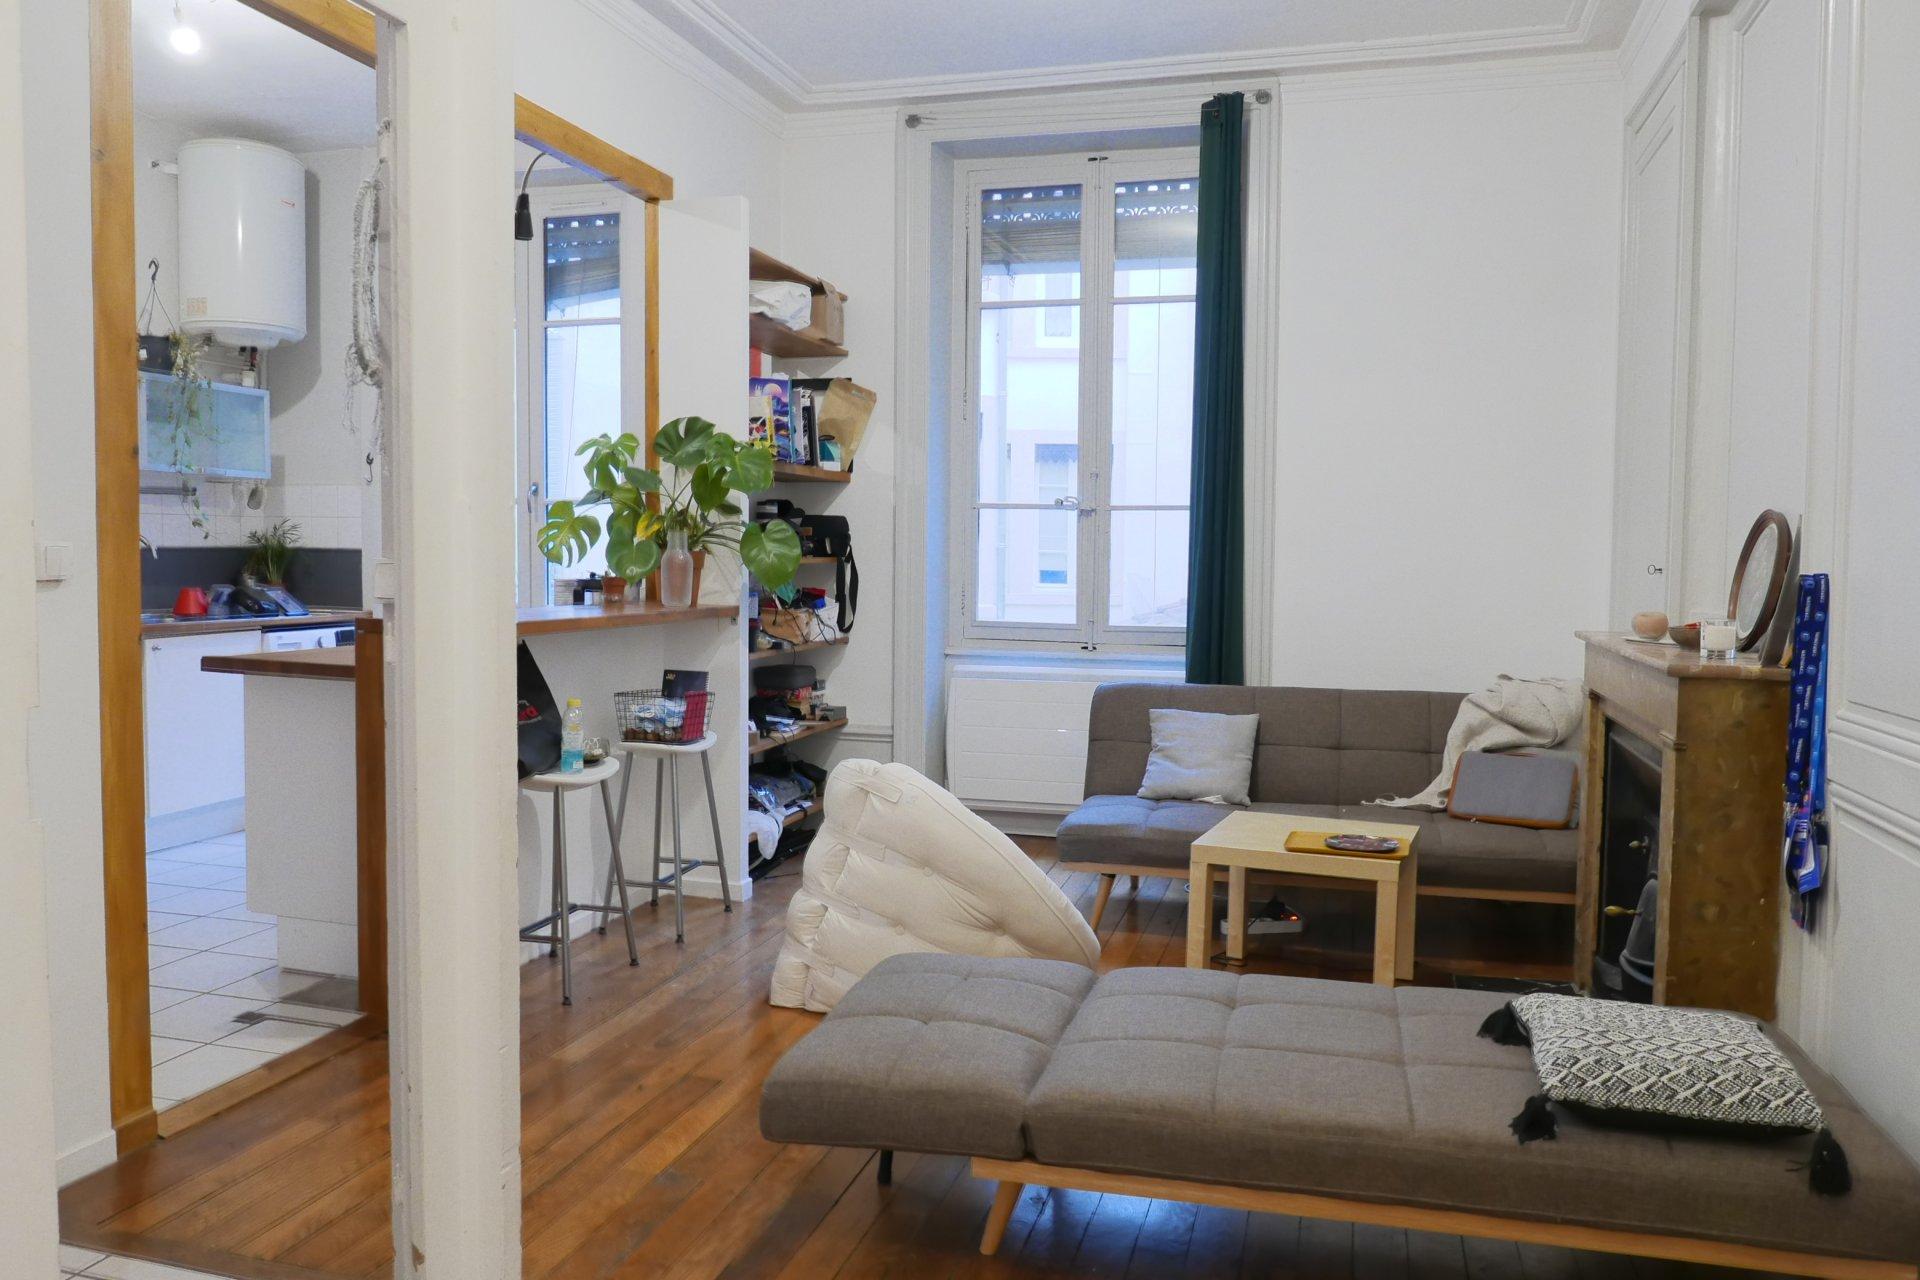 Achat Appartement Surface de 56.55 m²/ Total carrez : 56.55 m², 2 pièces, Lyon 3ème (69003)